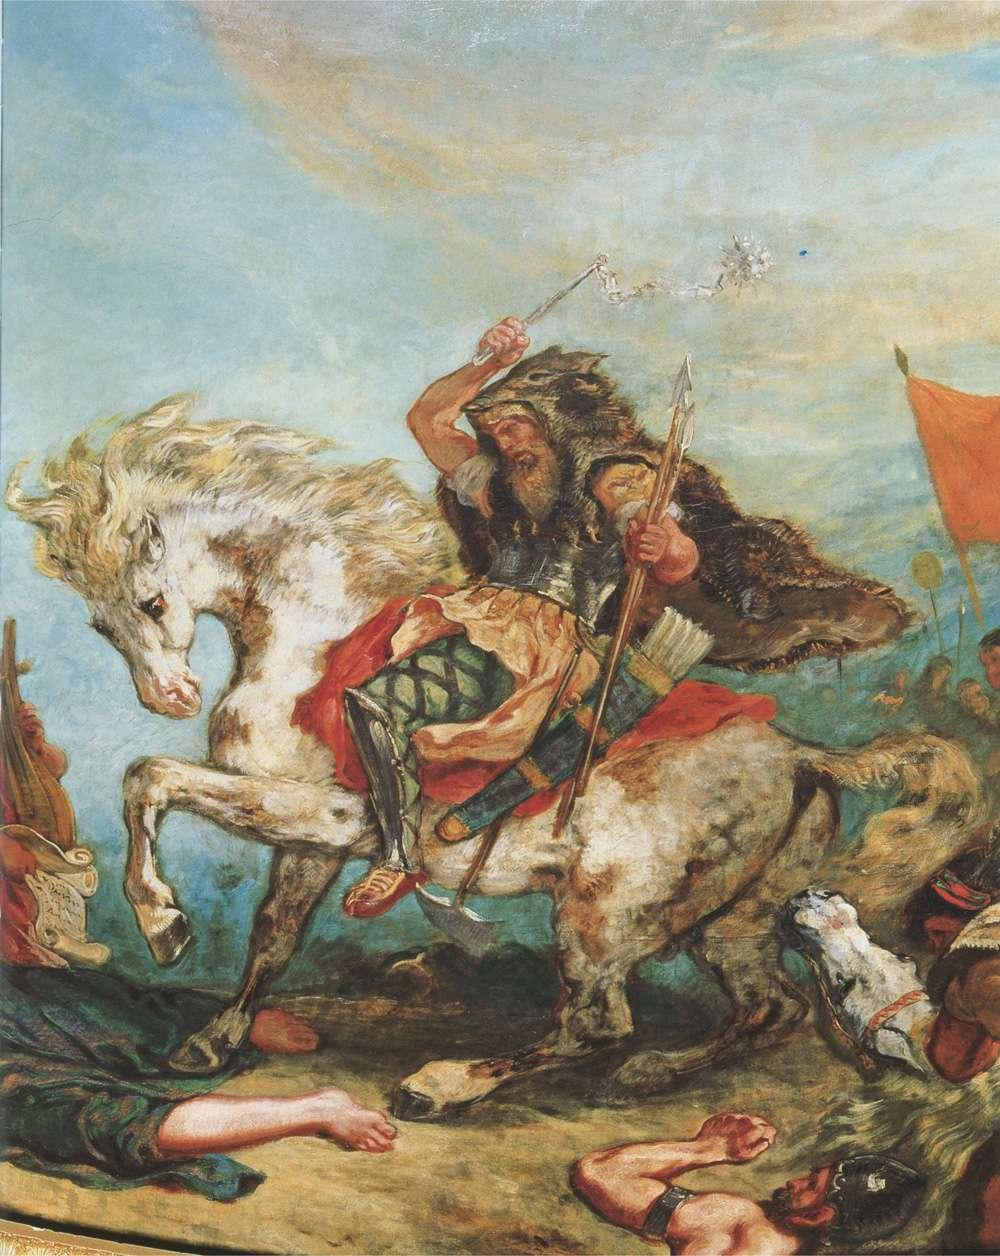 Ο Αττίλας (2 Σεπτεμβρίου 406 - 30 Απριλίου 453) ήταν βασιλιάς των Ούννων από το 434 έως το θάνατό του το 453. Ήταν ηγέτης της αυτοκρατορίας των Ούννων, μίας φυλετικής συνομοσπονδίας αποτελούμενης, μεταξύ άλλων, από Ούννους, Οστρογότθους και Αλανούς, στο έδαφος της κεντρικής και ανατολικής Ευρώπης.